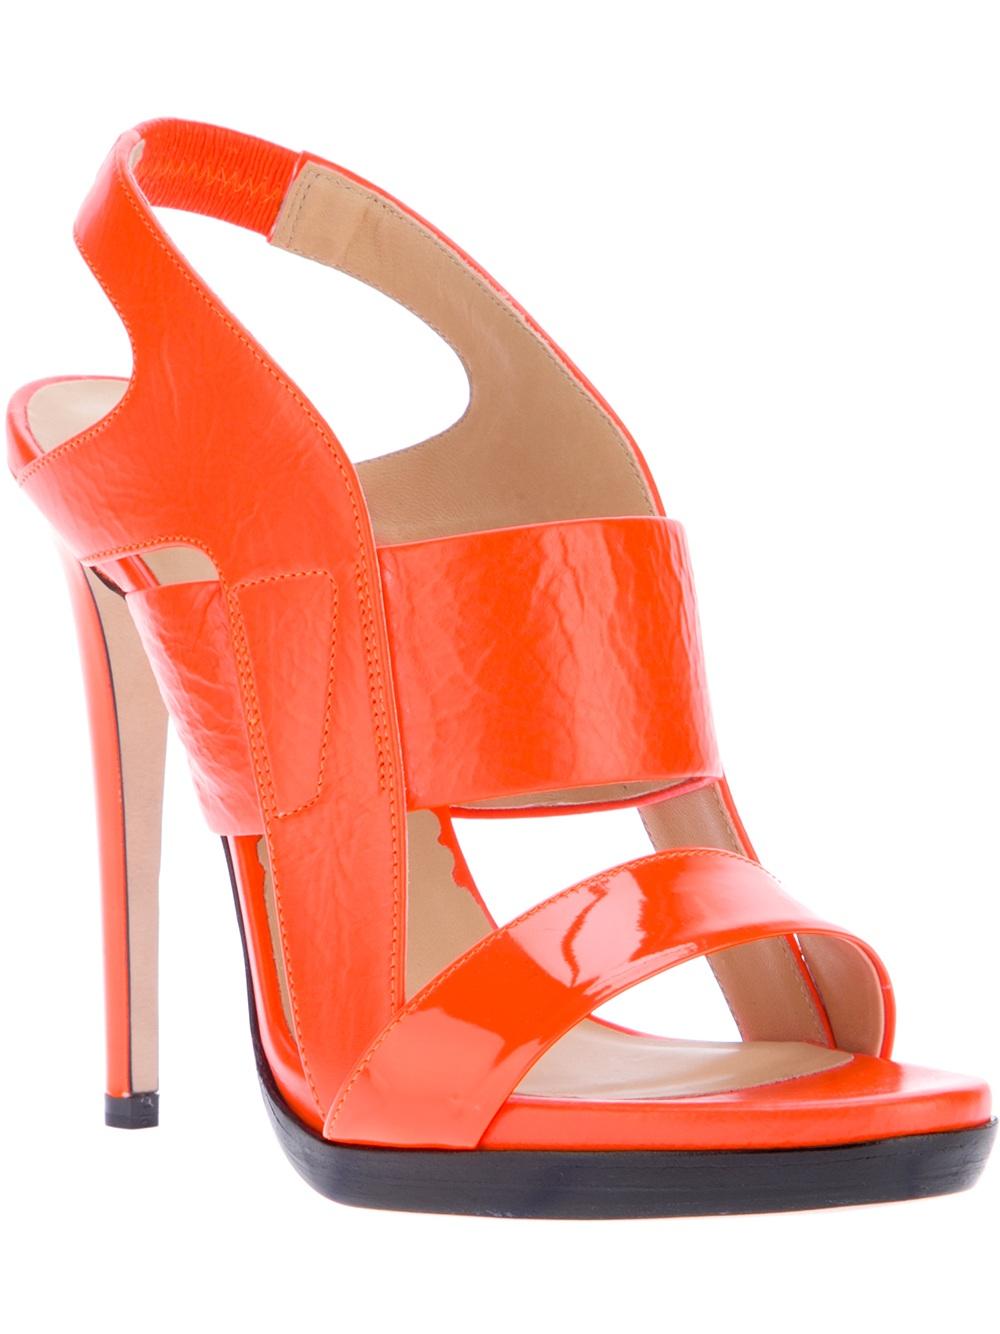 Orange Wedding Shoes Uk